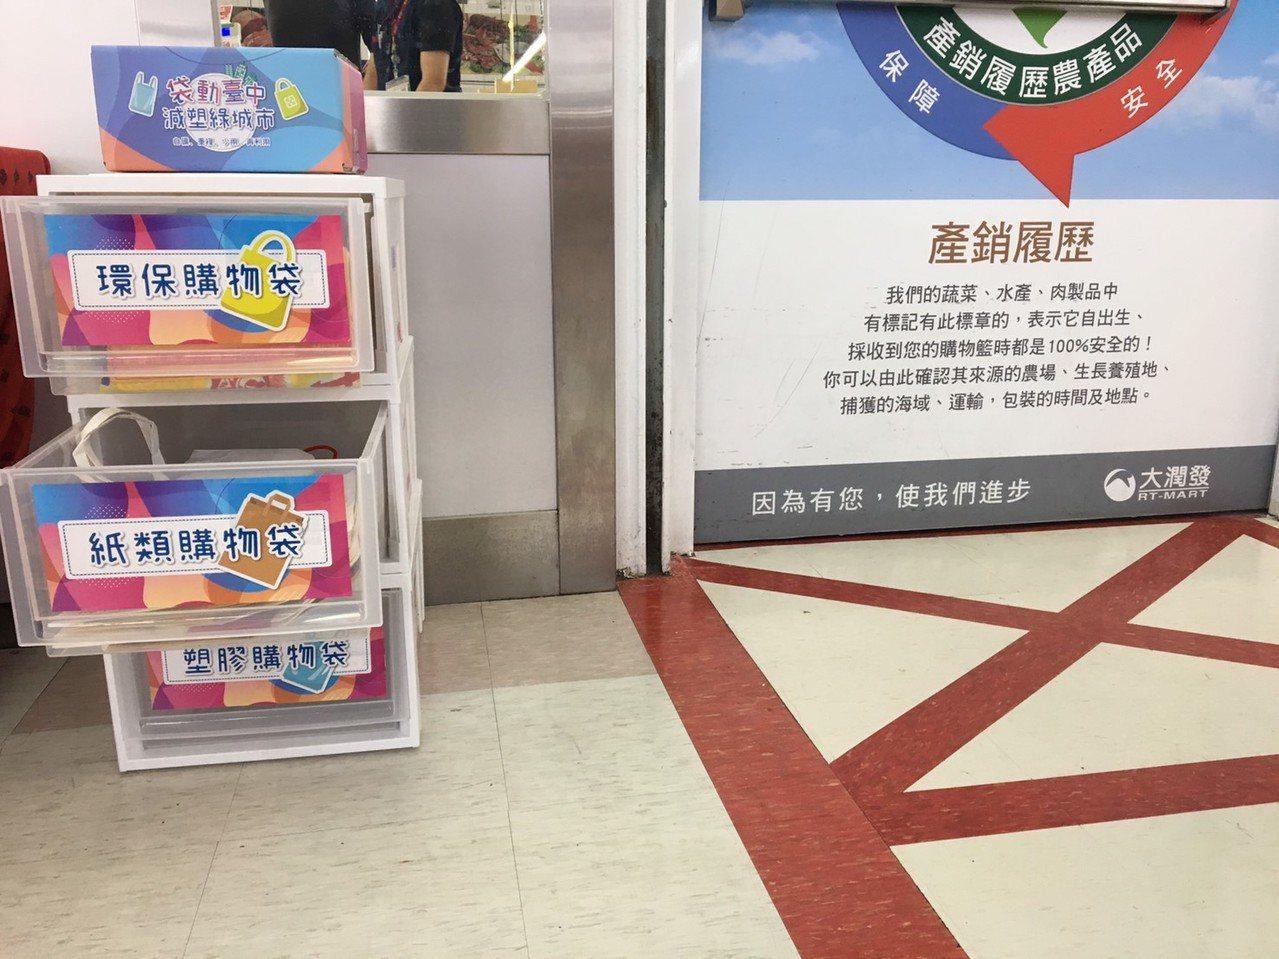 台中市政府環保局設置「二手袋循環回收站」,蒐集民眾家中閒置且堪用,至少A4大小的...